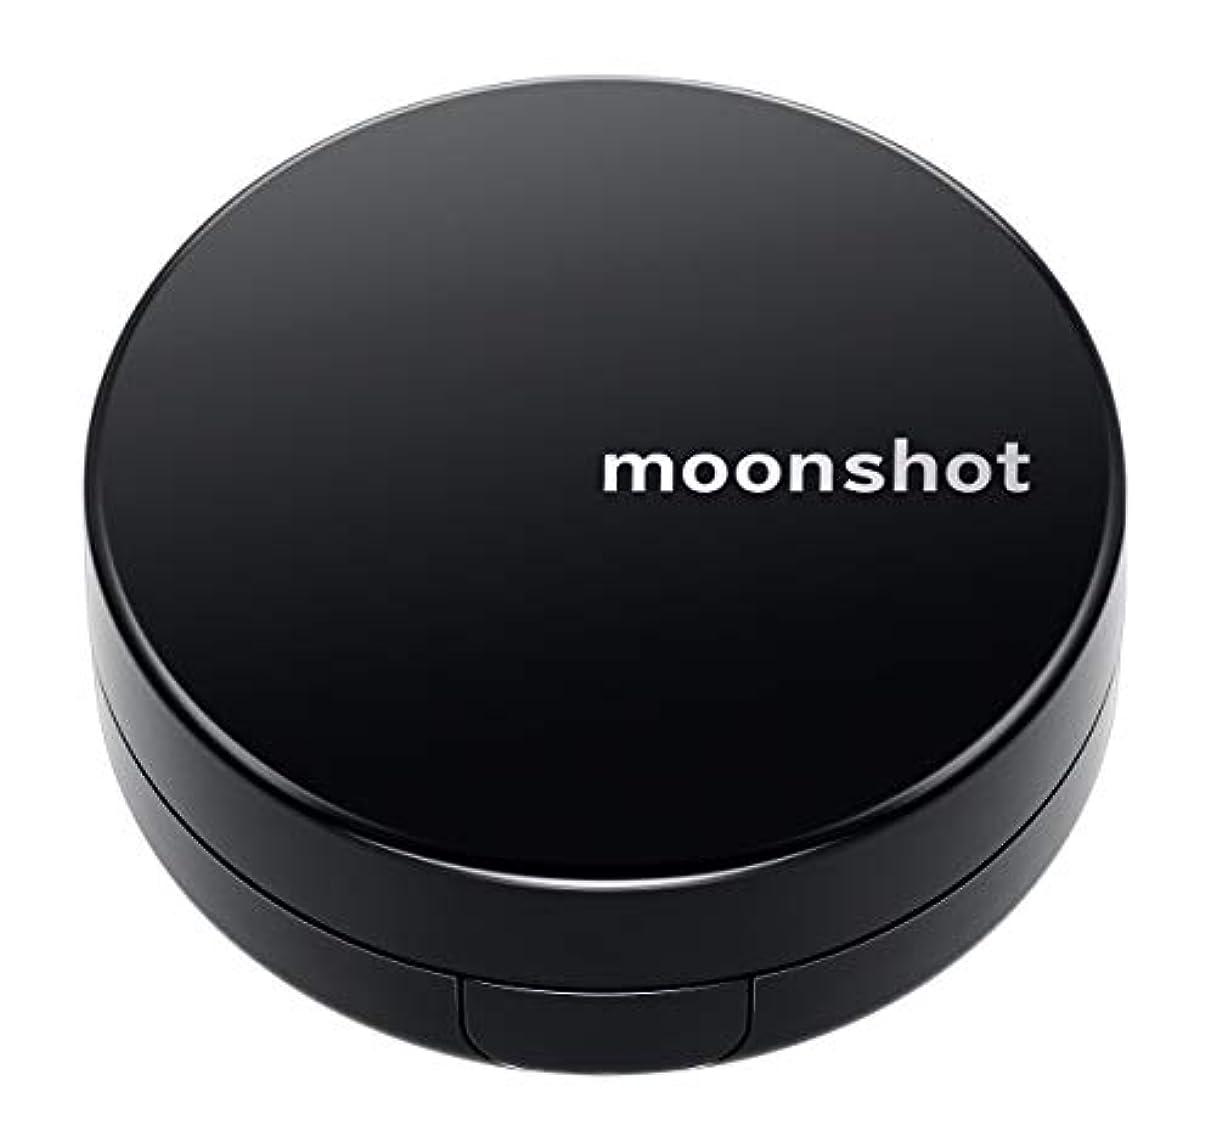 砂の新しい意味こしょう【moonshot × blackpink】自然なスキントーンと均一なカバー力 しわ改善 美白 紫外線遮断 ムーンショット マイクロフィットクッション301/正規品